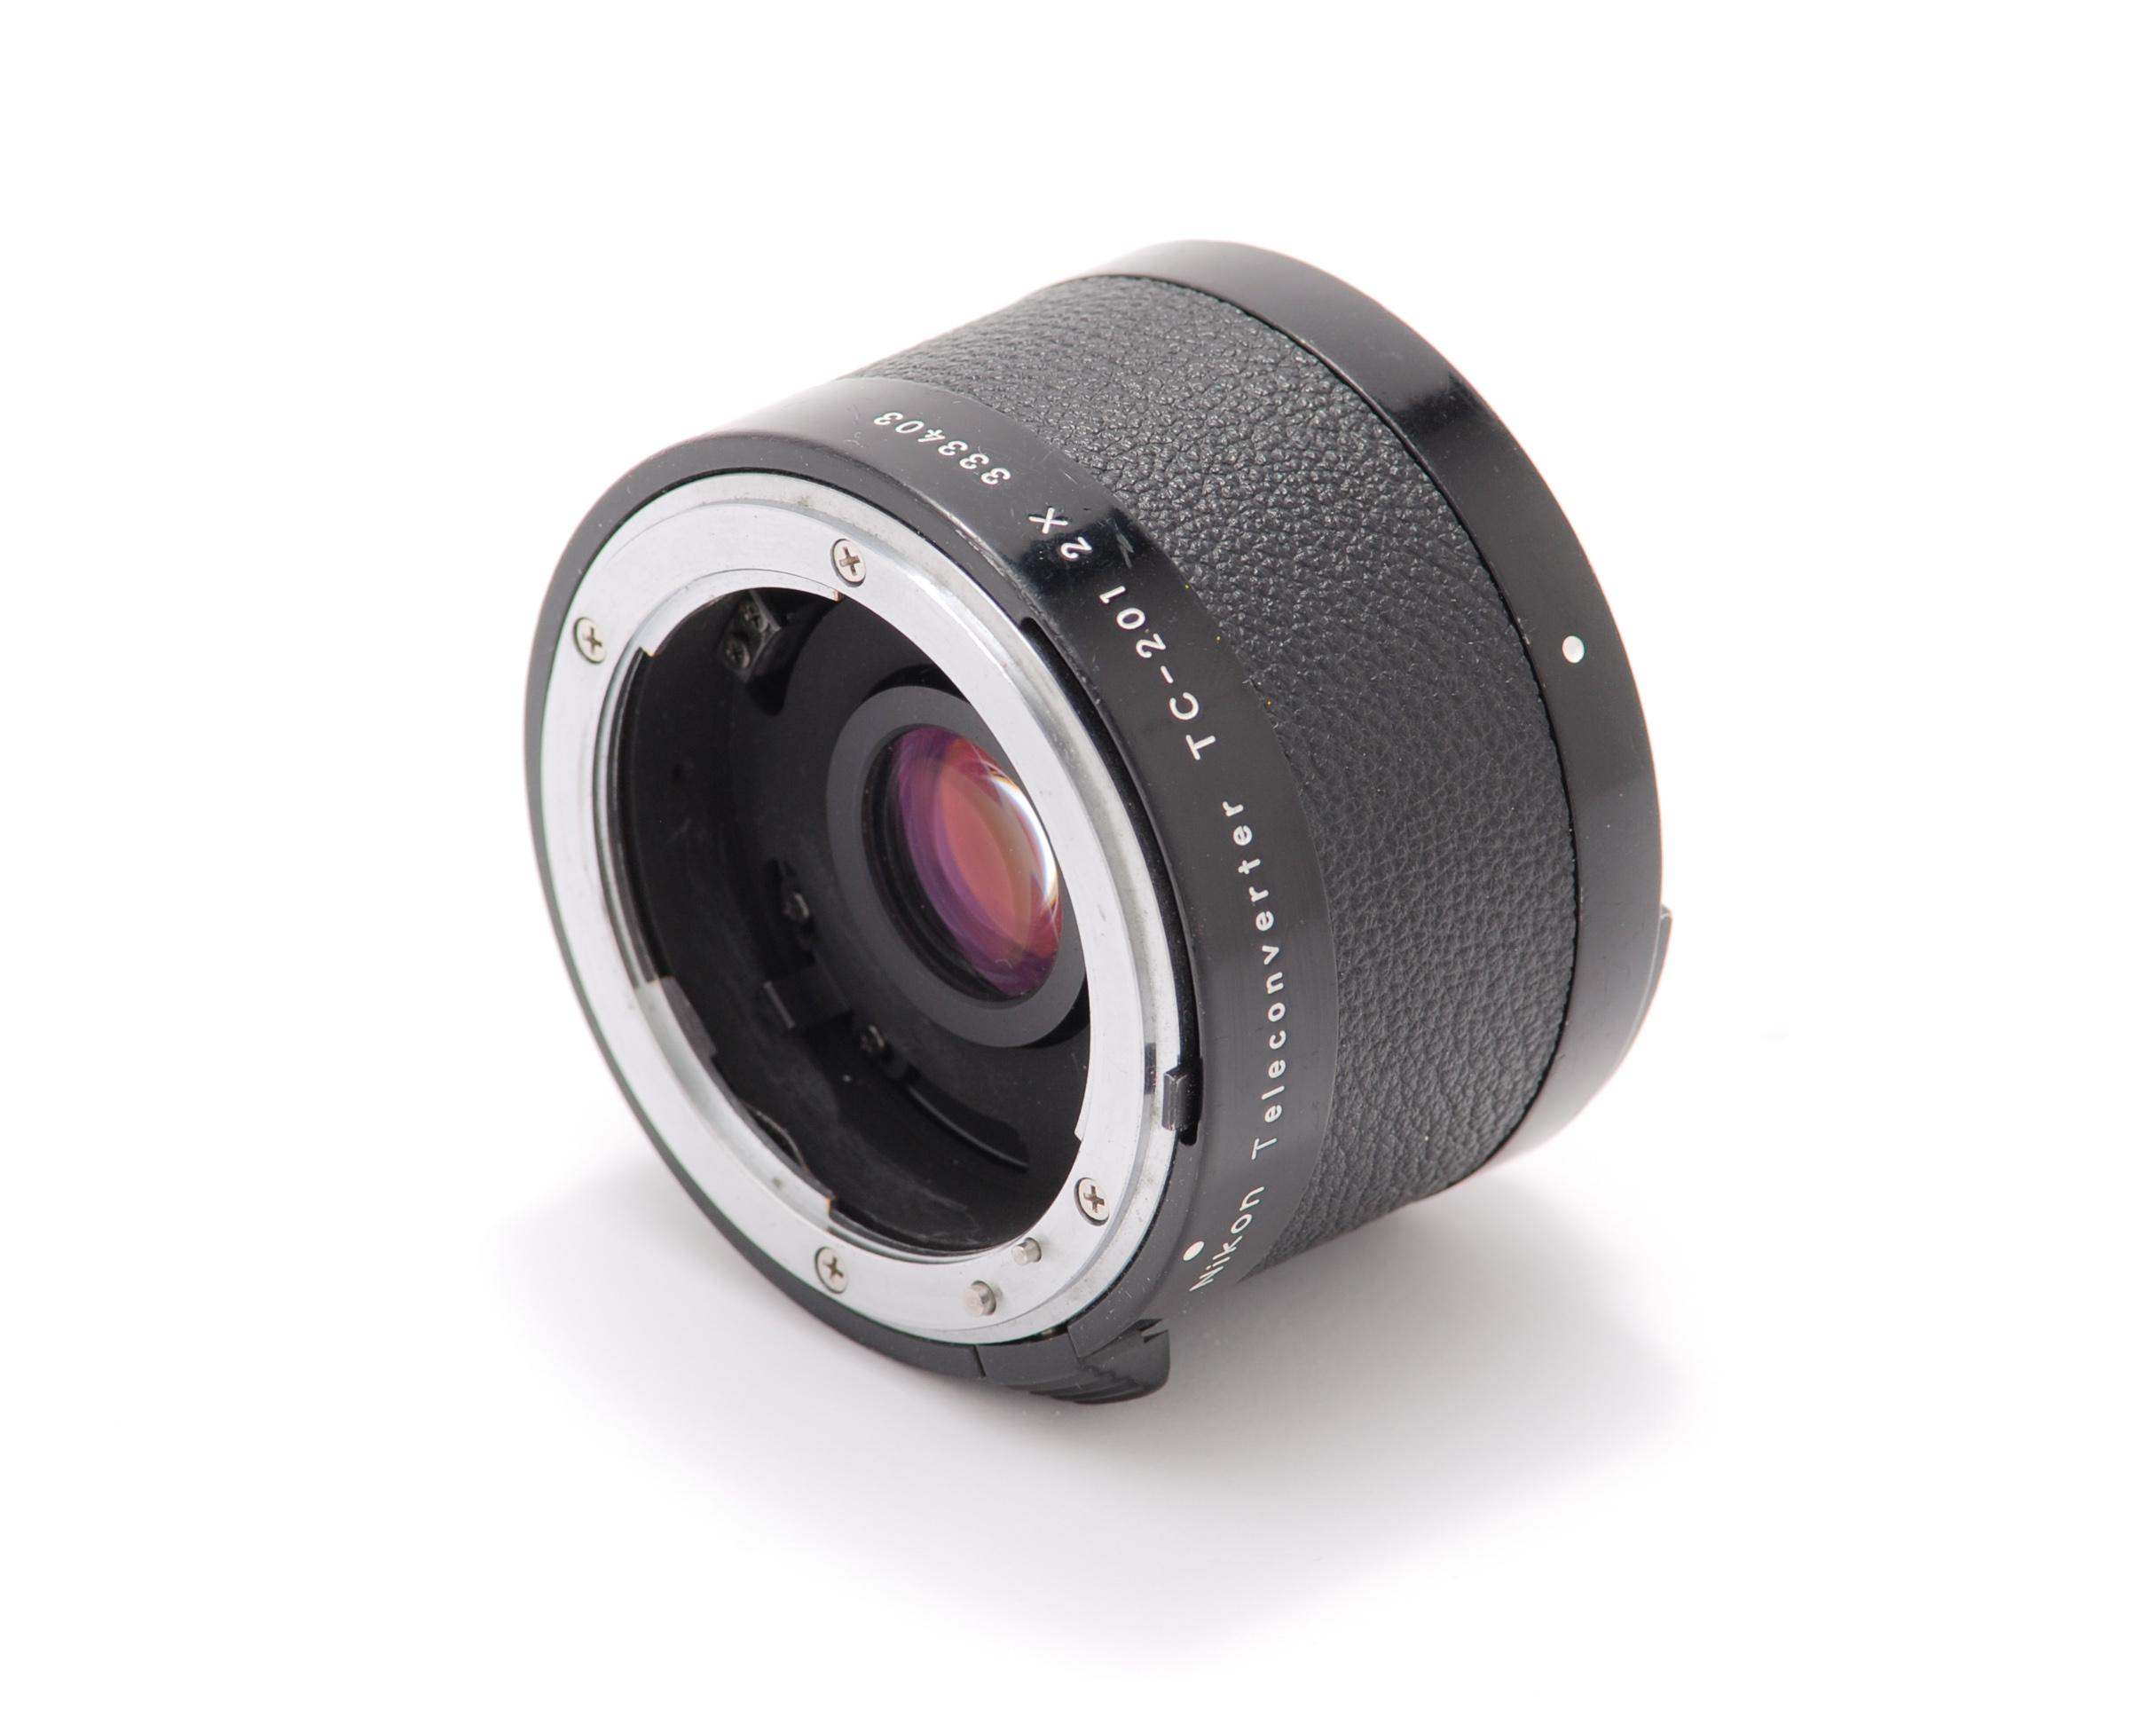 Nikon Teleconverter Tc 201